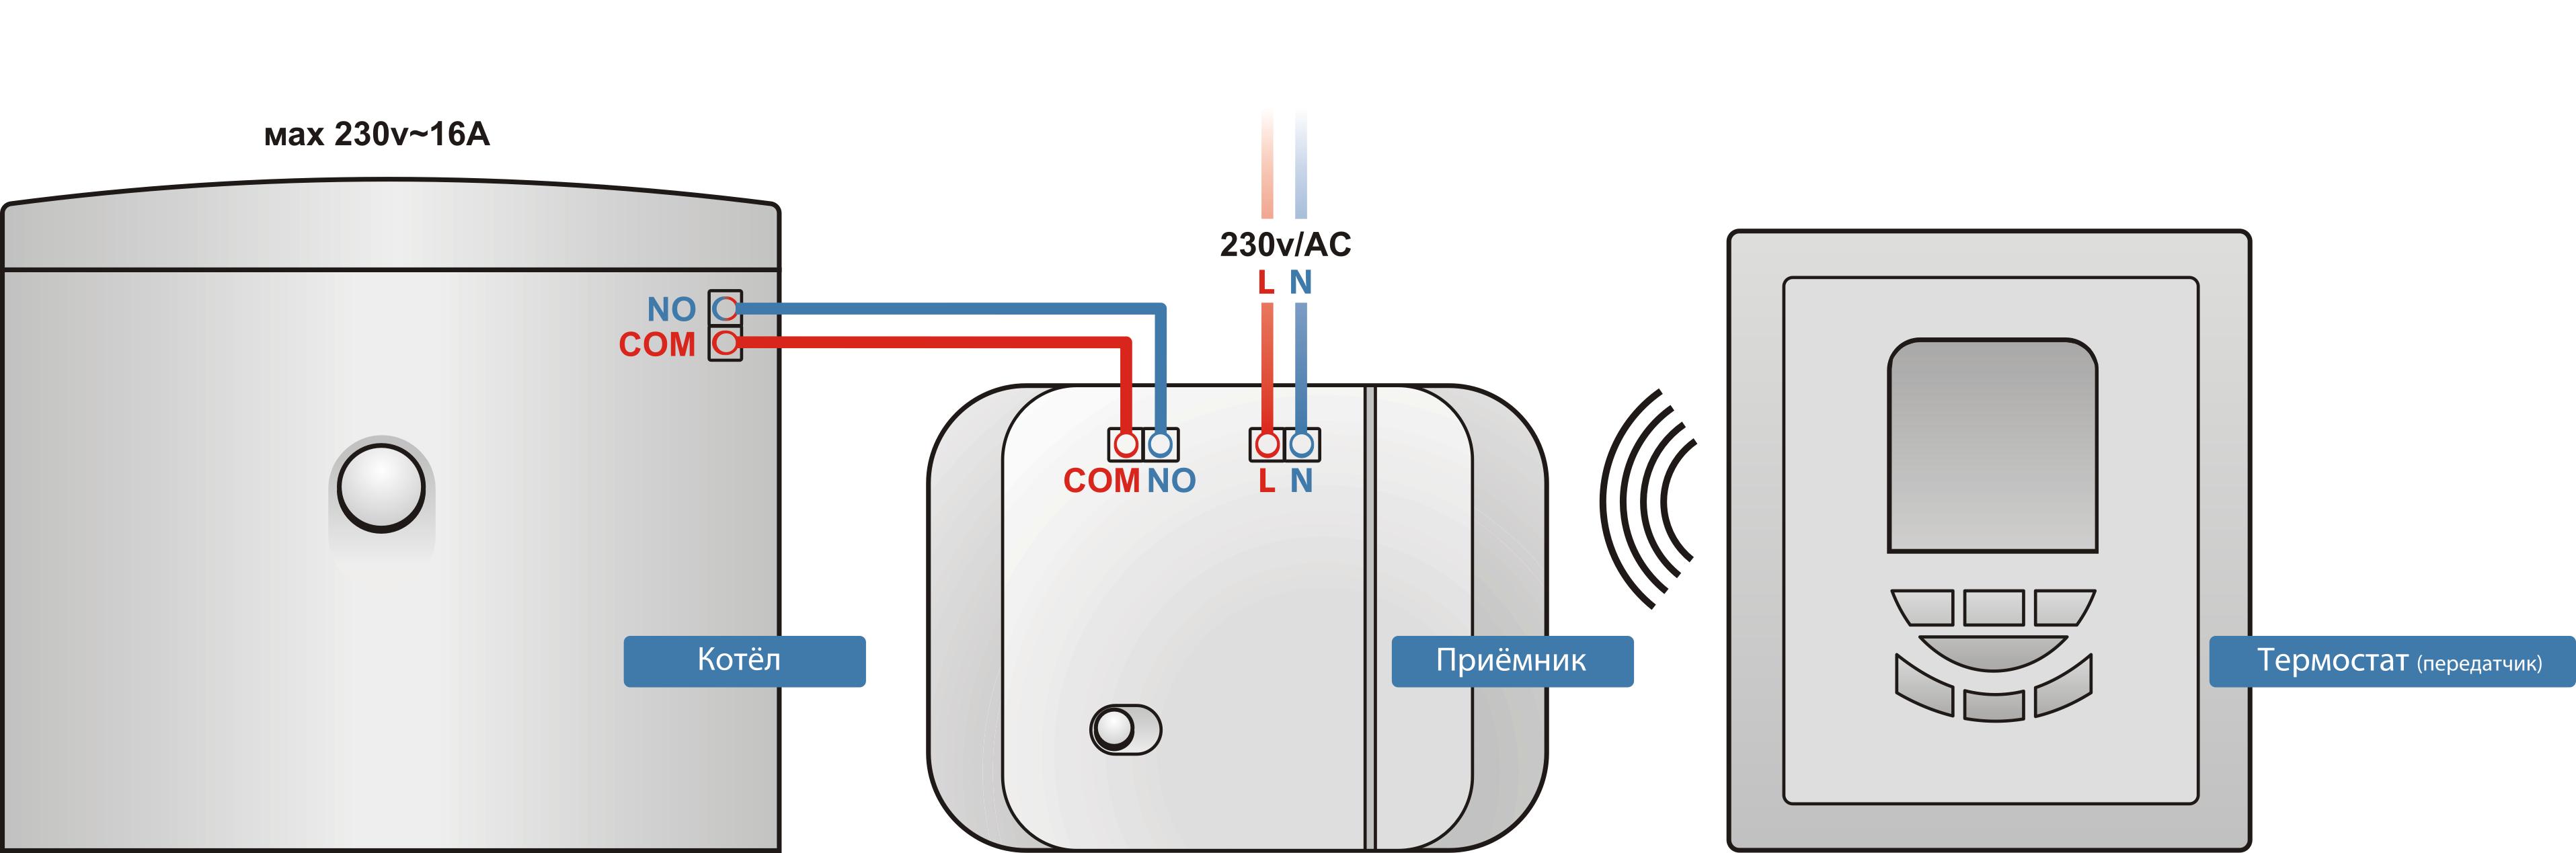 Схема подключения терморегулятора cewal